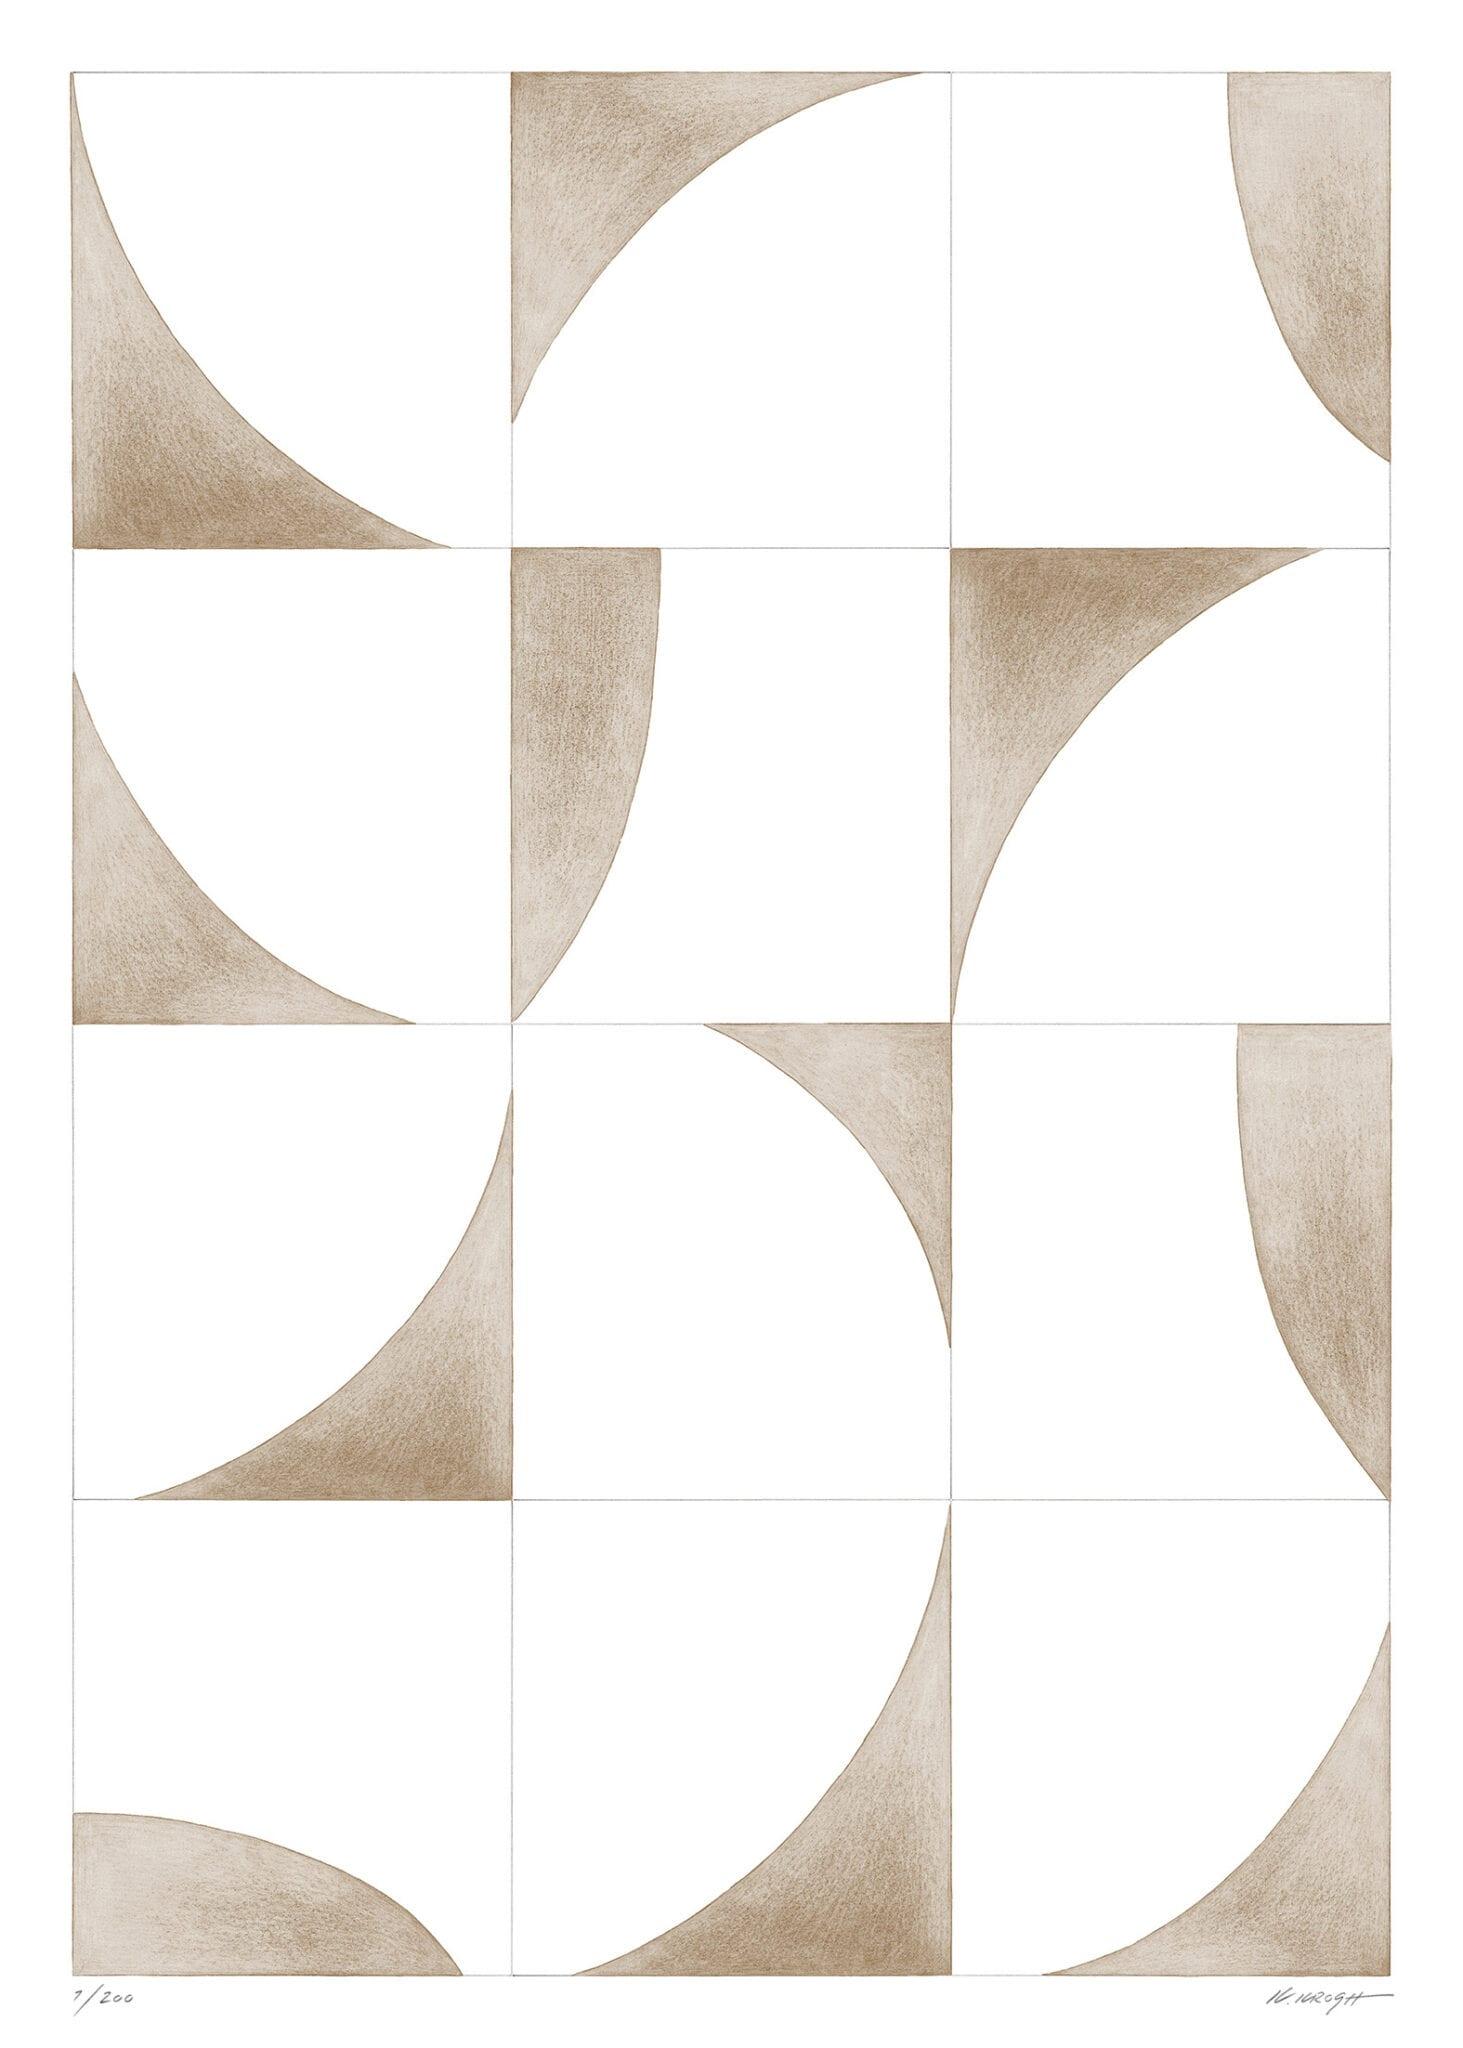 Kristina Krogh - Pieces No 01